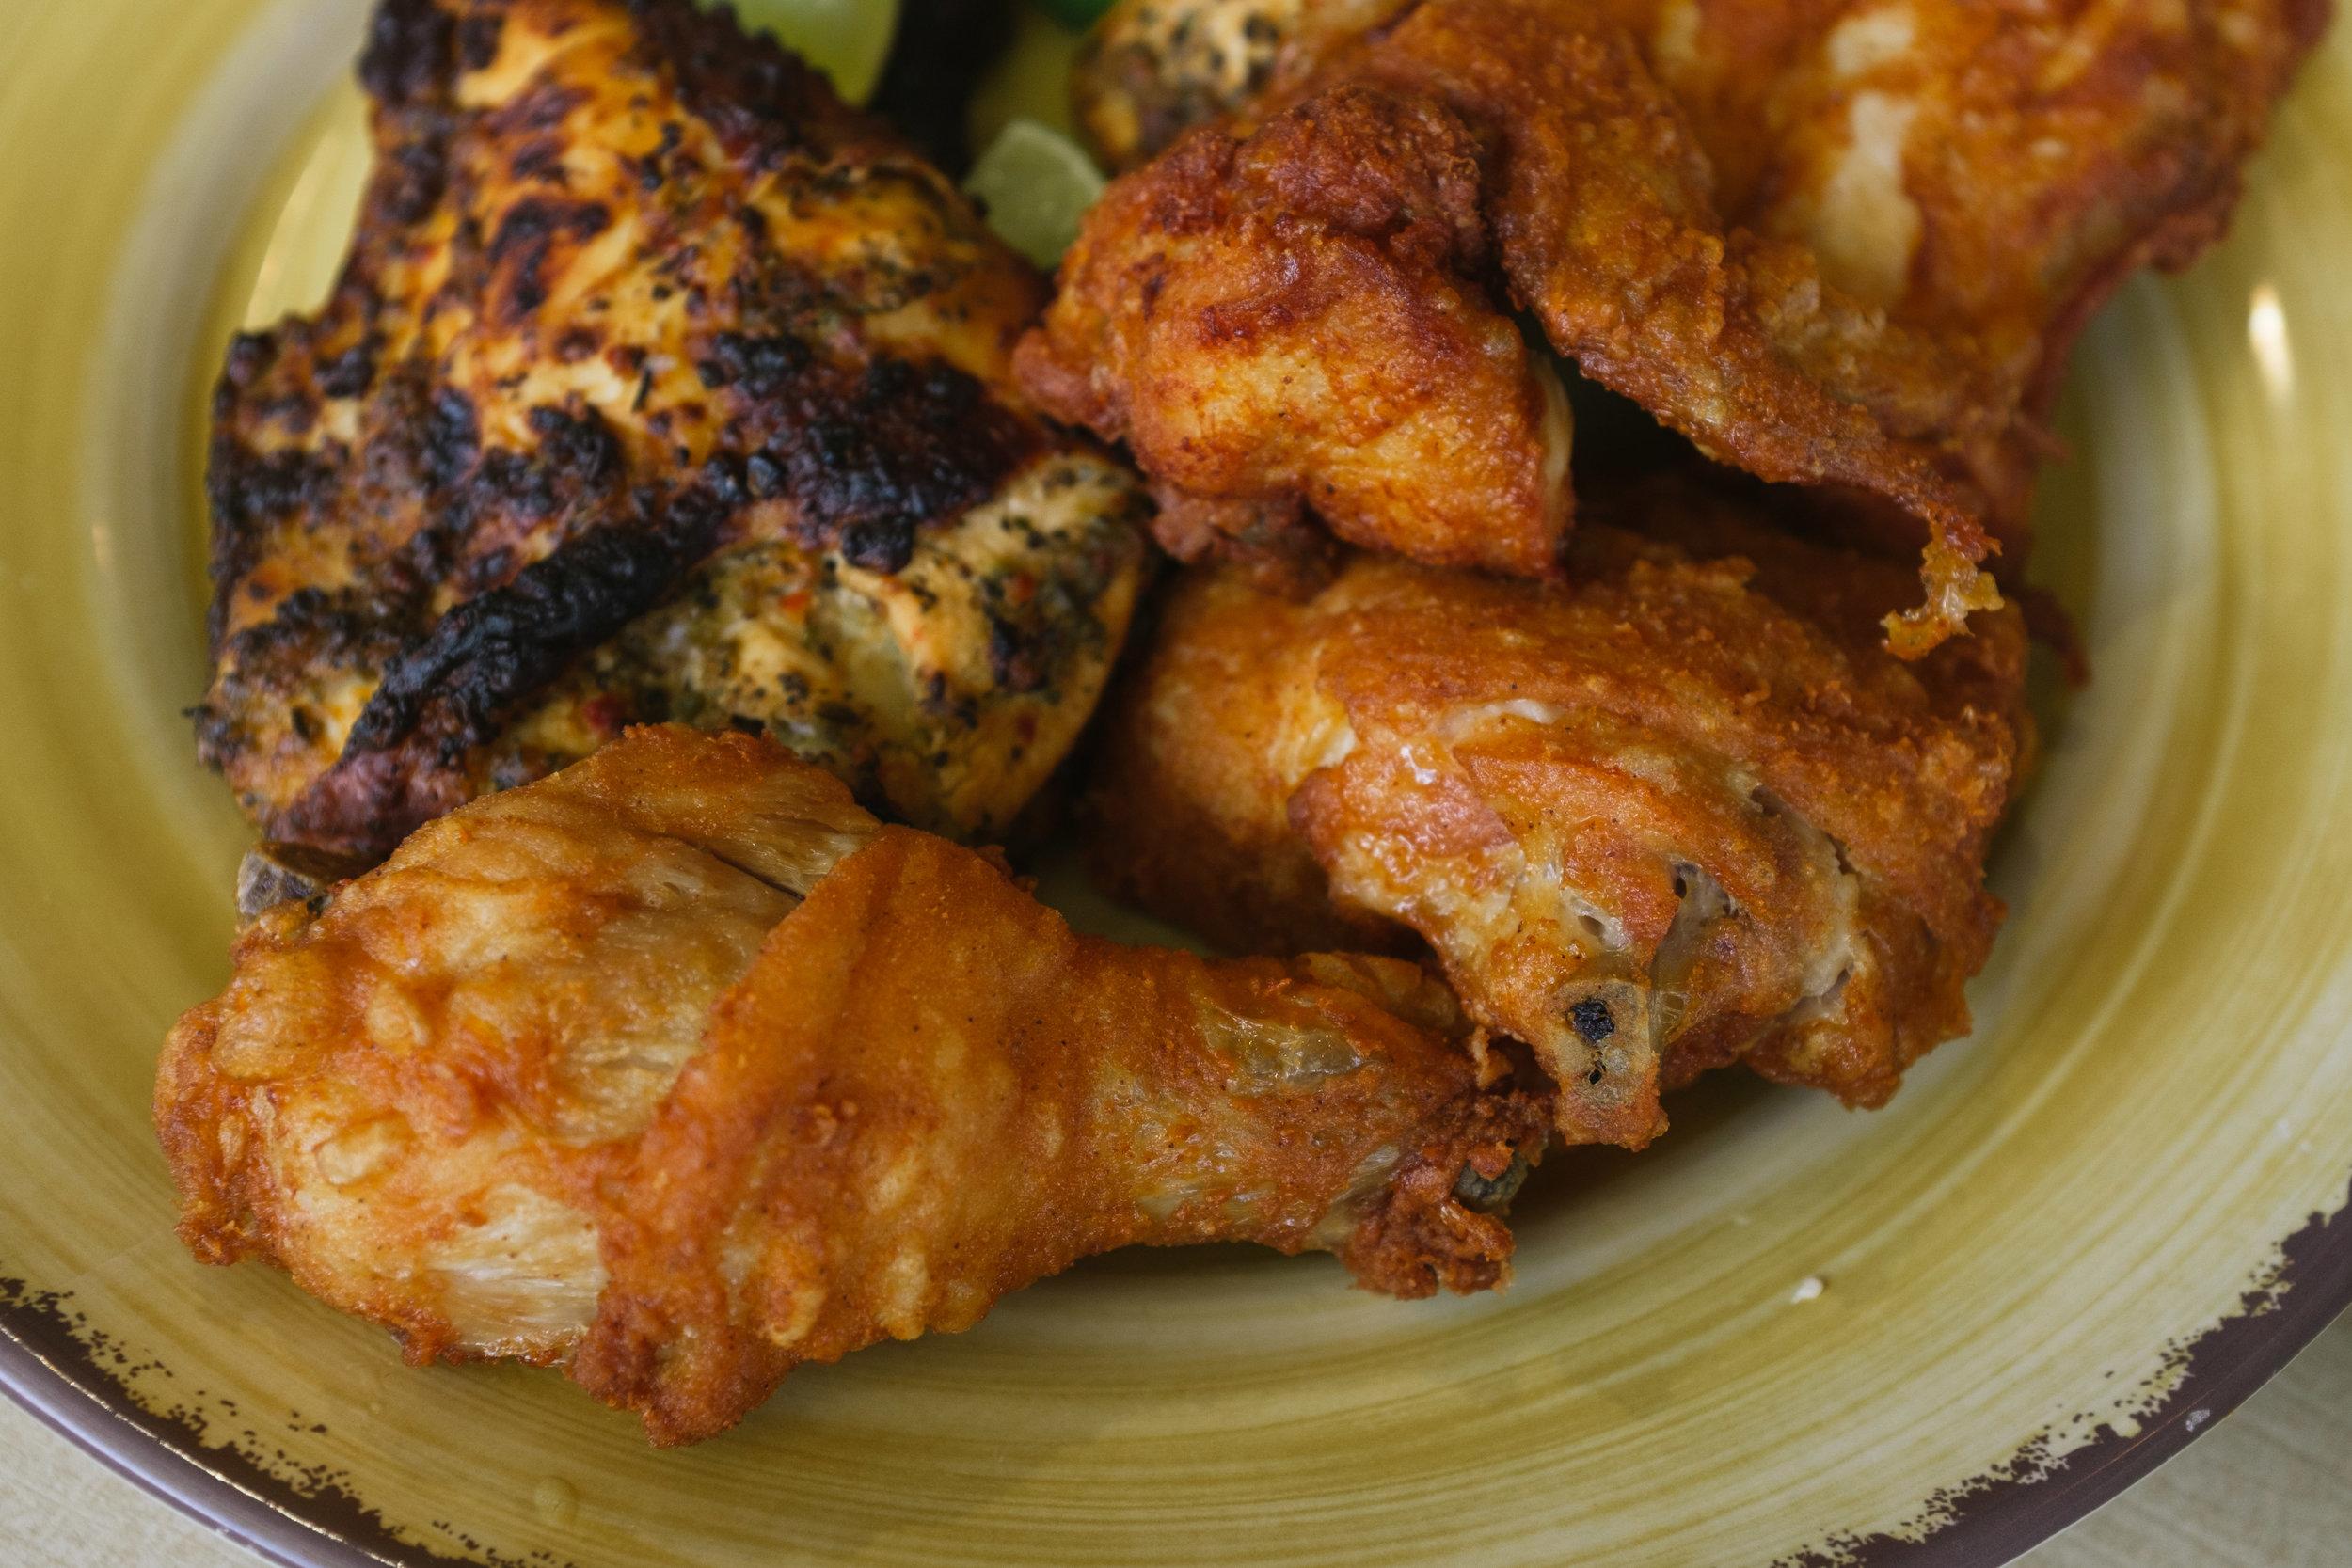 guatemala-fried-chicken-pollo-campero